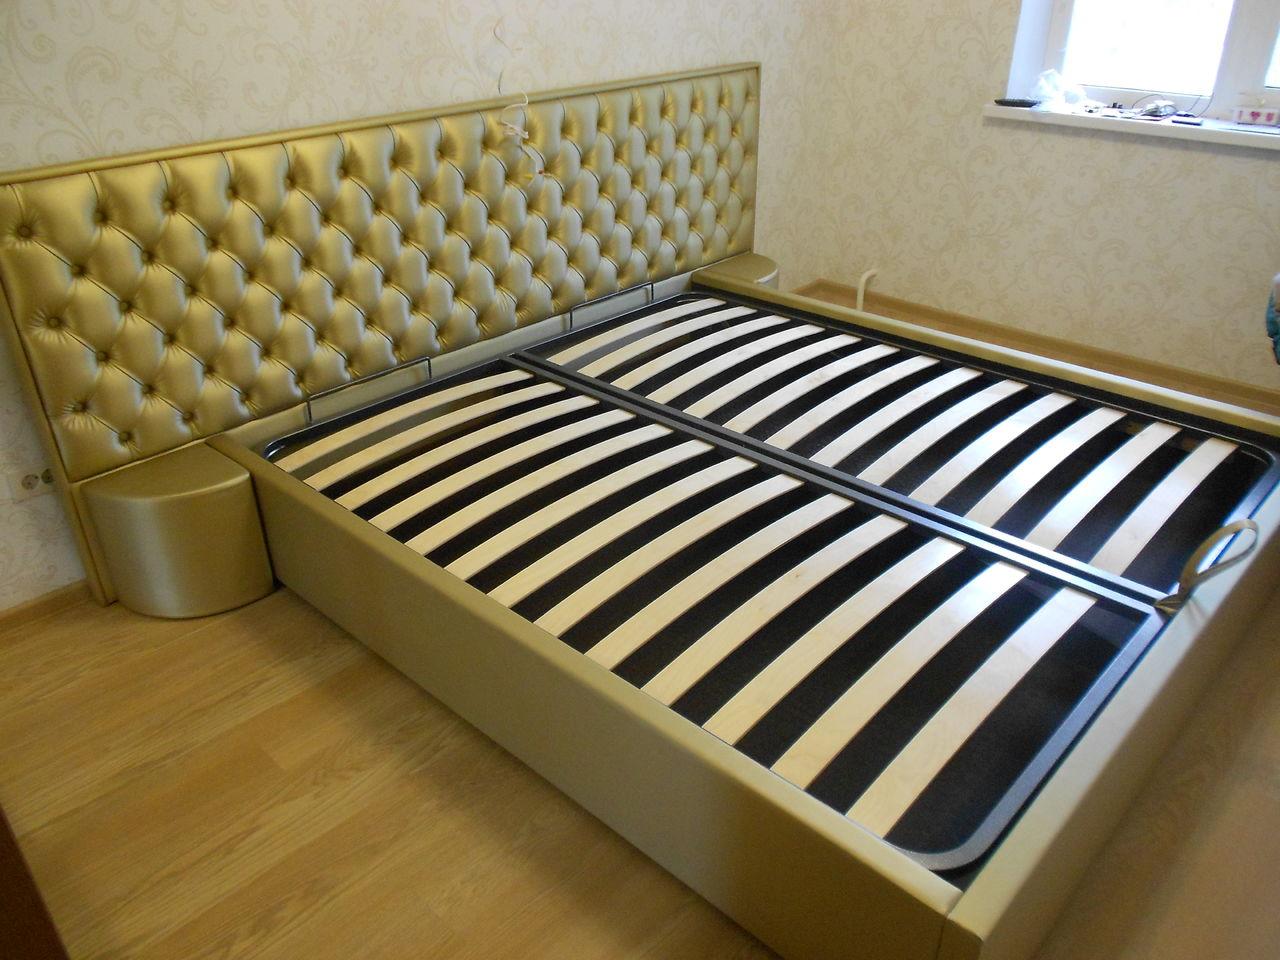 Внутренний размер кровати для матраса 160х200 200x220 матрасс